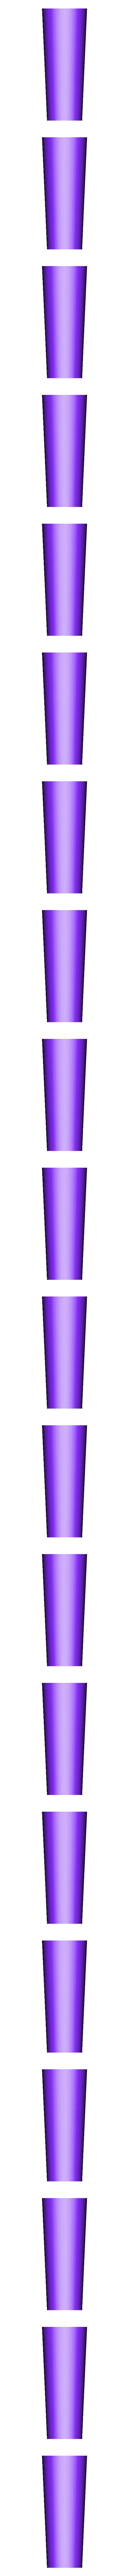 Thumper_body_2.stl Télécharger fichier STL gratuit Dune Thumper - au travail • Design à imprimer en 3D, poblocki1982